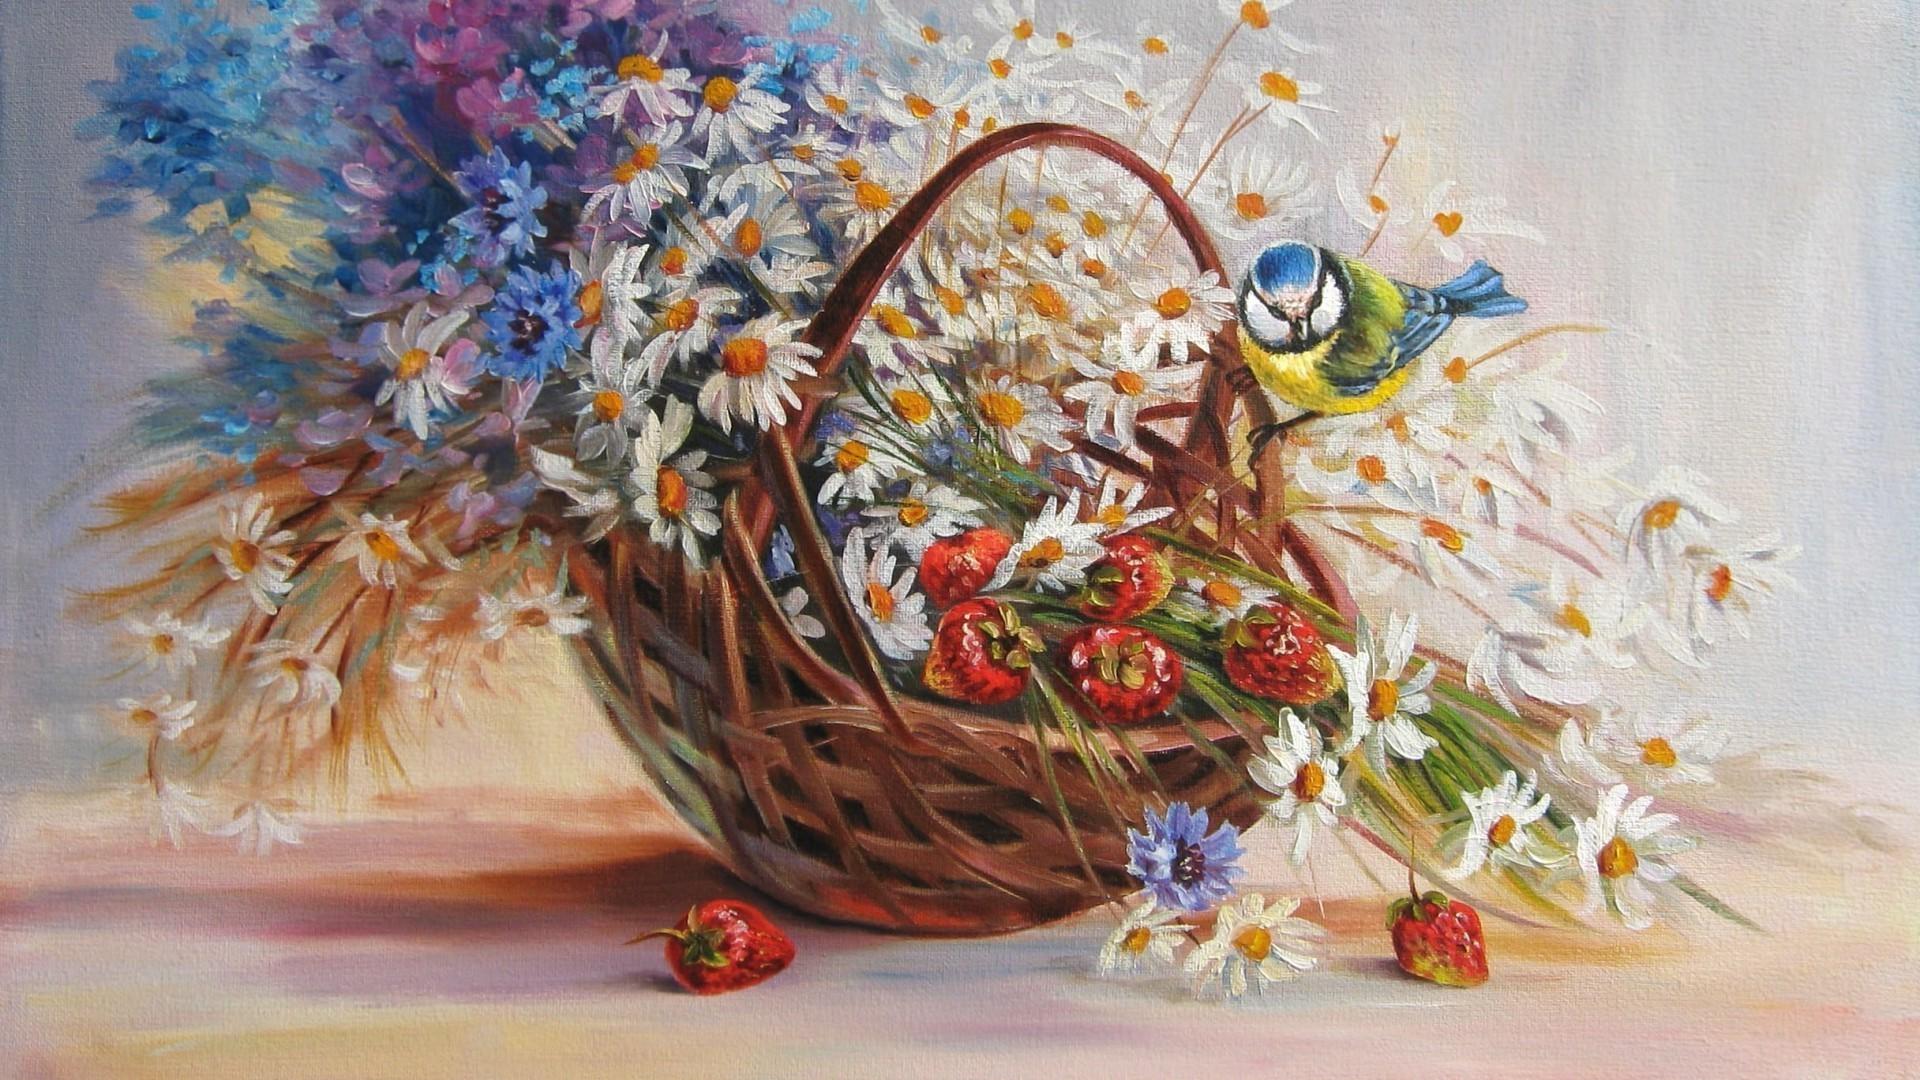 С днем рождения открытка живопись, годом